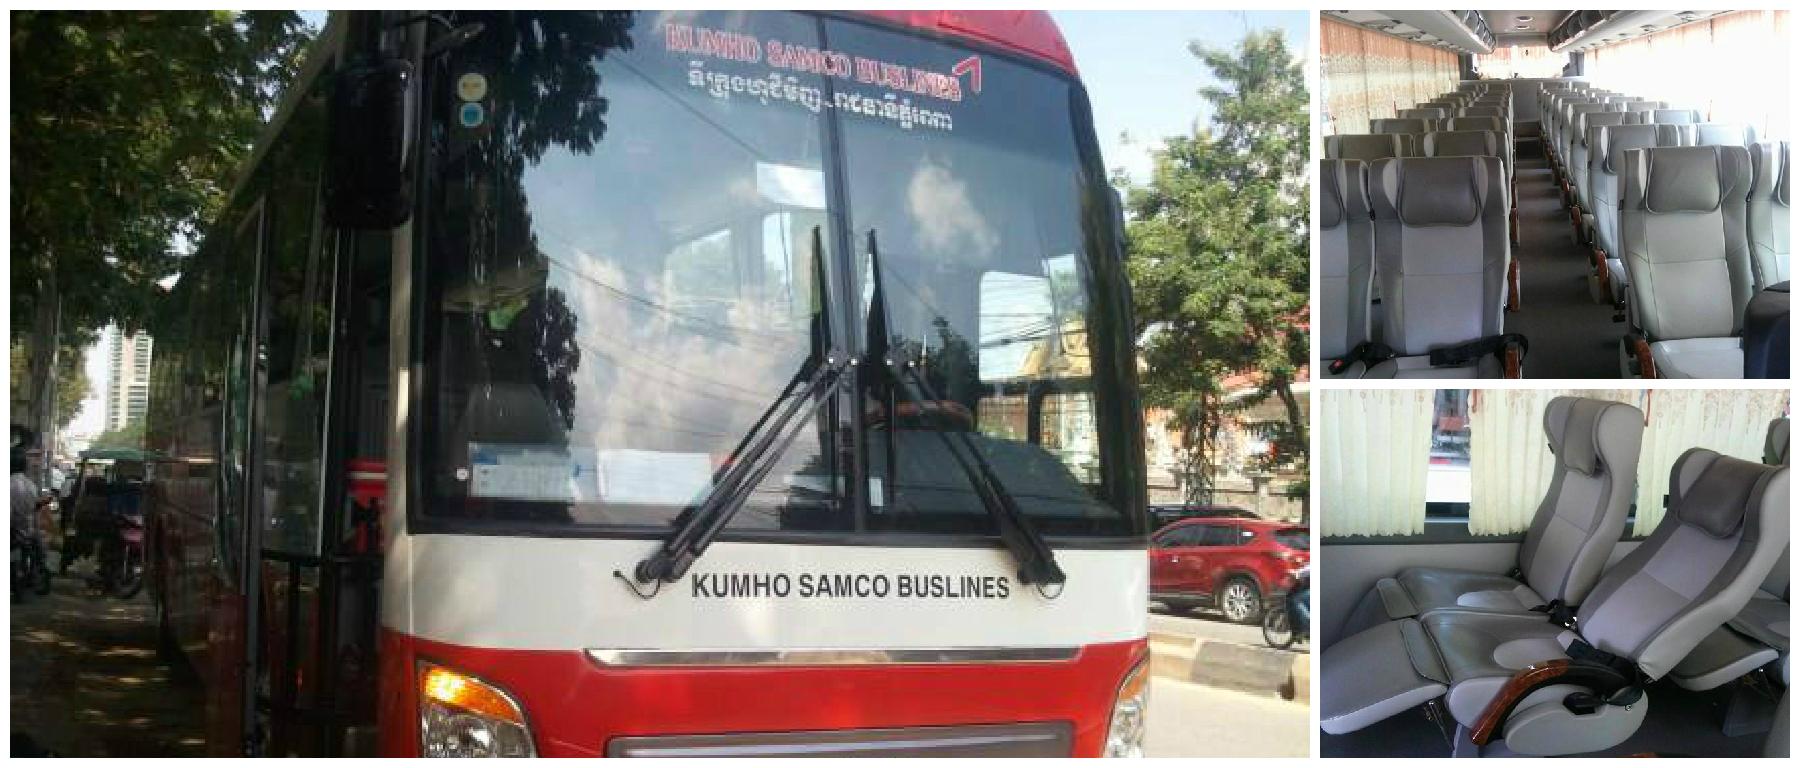 Kumho Samco Bus Ticket, Phnom Penh to Ho Chi Minh, Phnom Penh to Siem Reap, Bus Ticket Online, Night Bus, Cambodia Bus Ticket, Vietnam to Cambodia